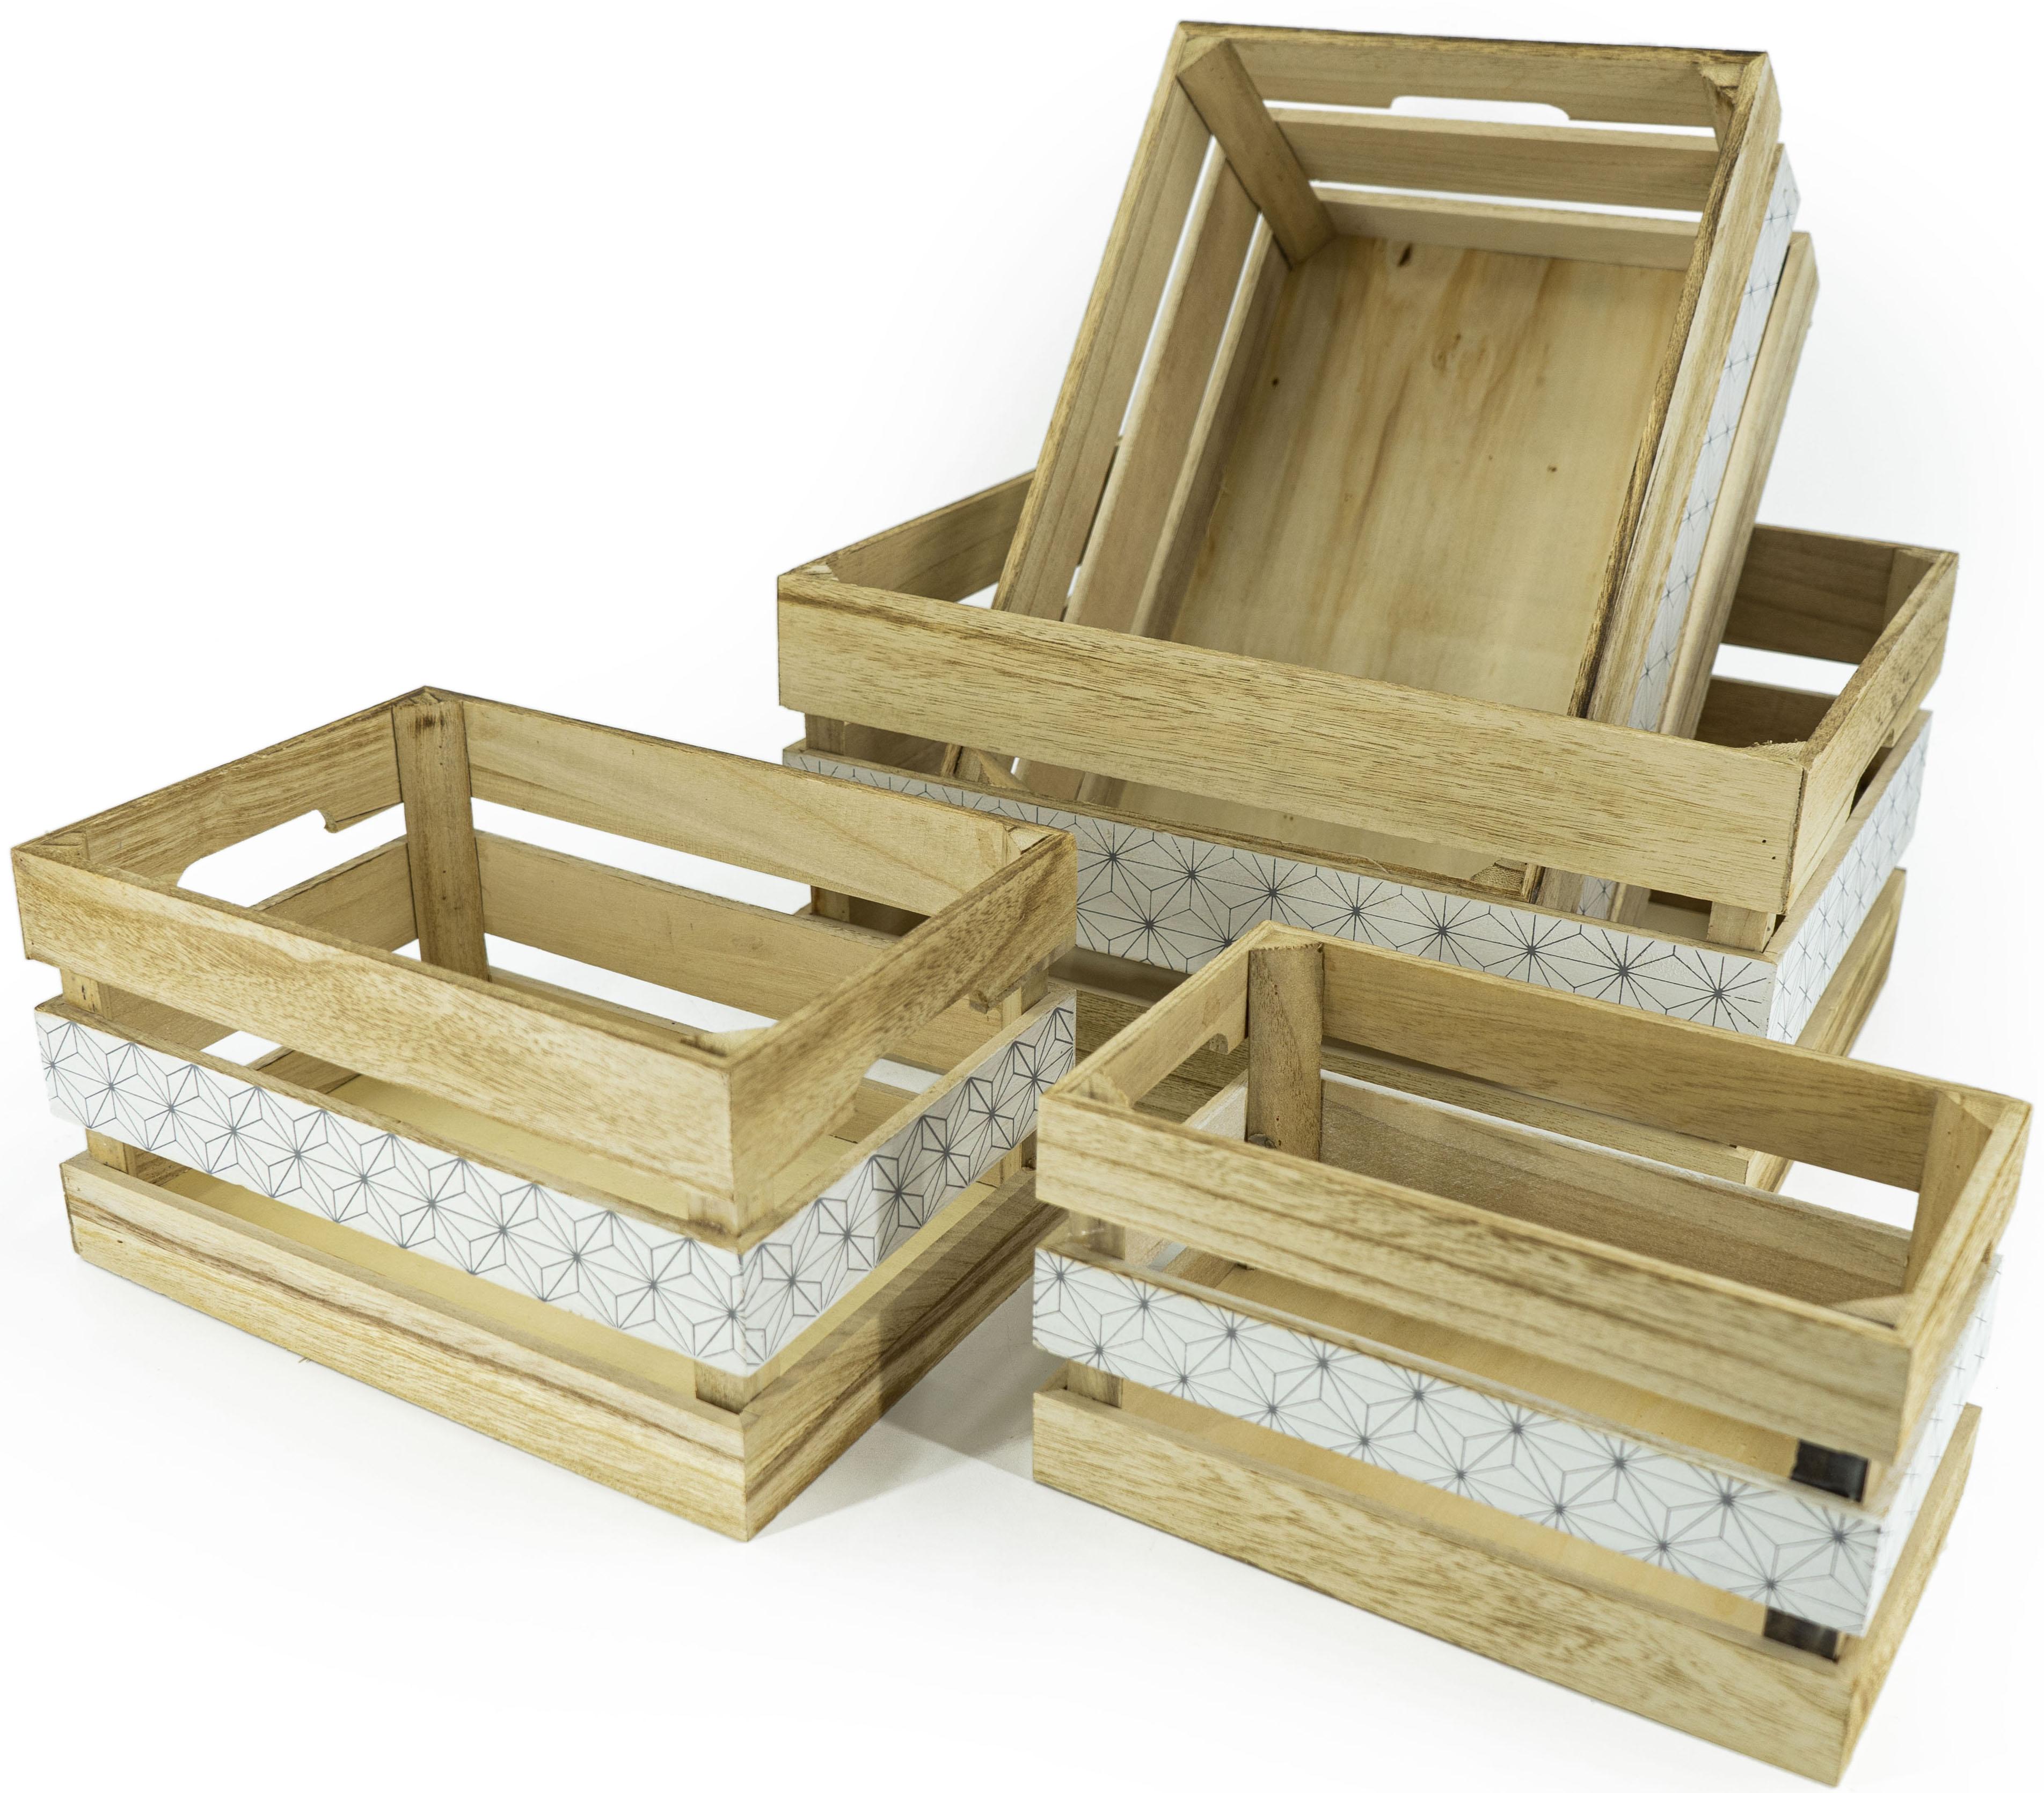 NOOR LIVING Aufbewahrungsbox Aufbewahrungsboxen-Set 4-tlg., natur, mittig schwarz bedruckt, (Set, 4 St.) beige Kleideraufbewahrung Aufbewahrung Ordnung Wohnaccessoires